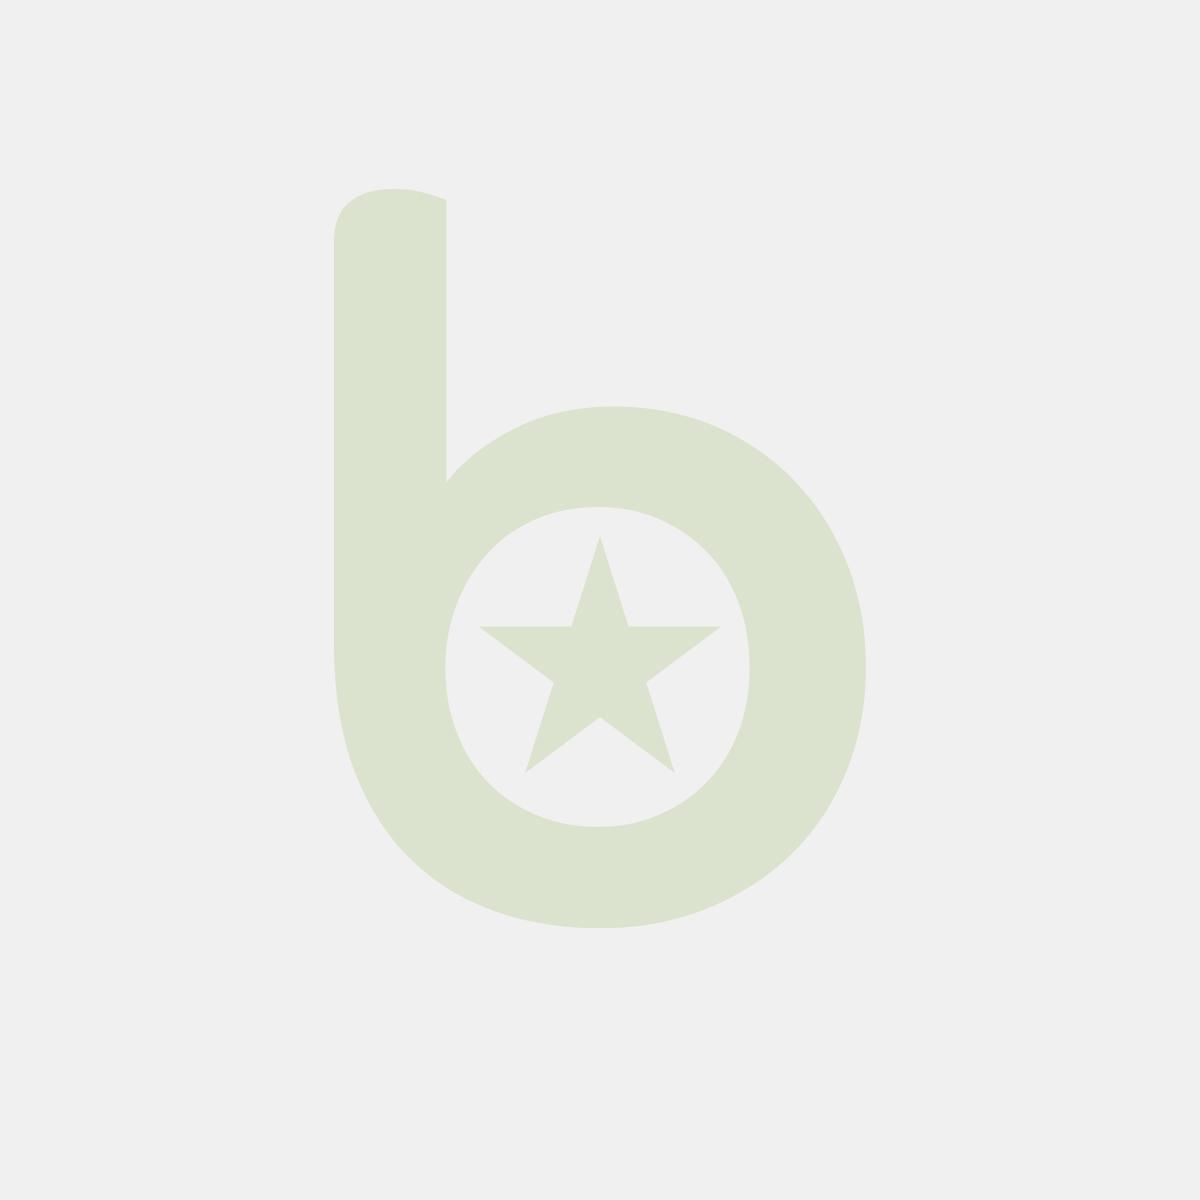 Czarne mini tabliczki kredowe 8,5cm op. 100 sztuk